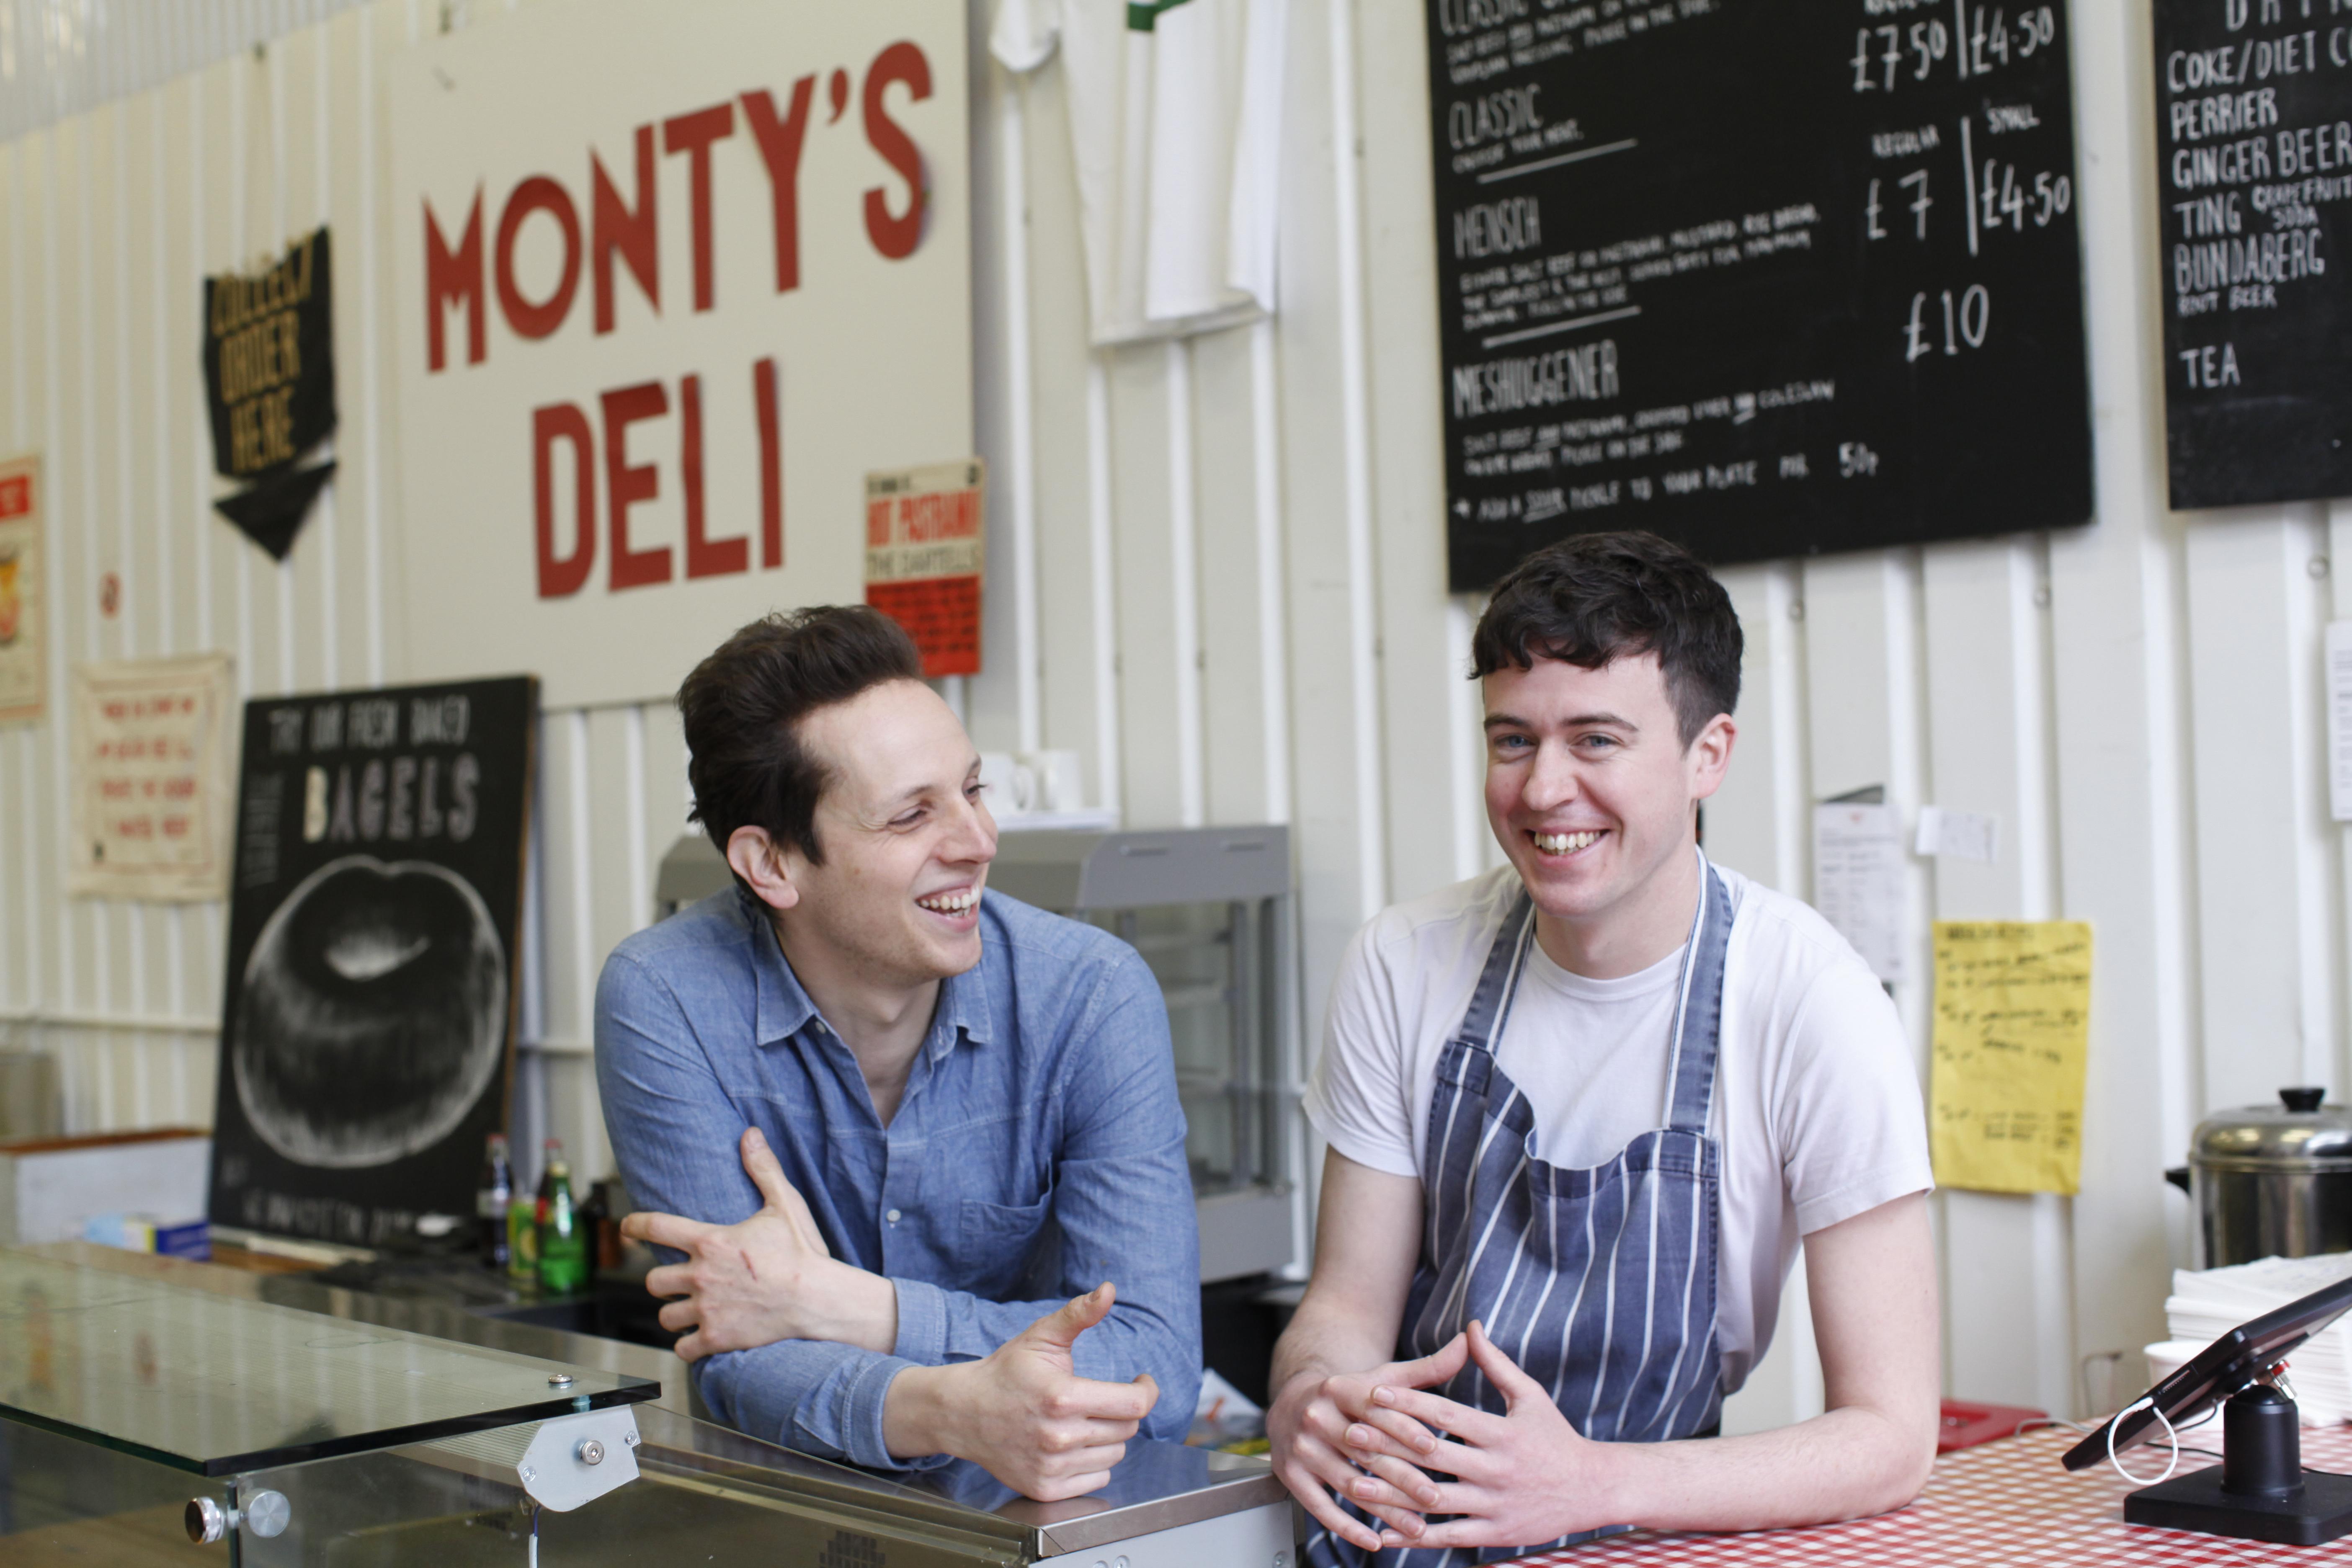 Monty's Deli